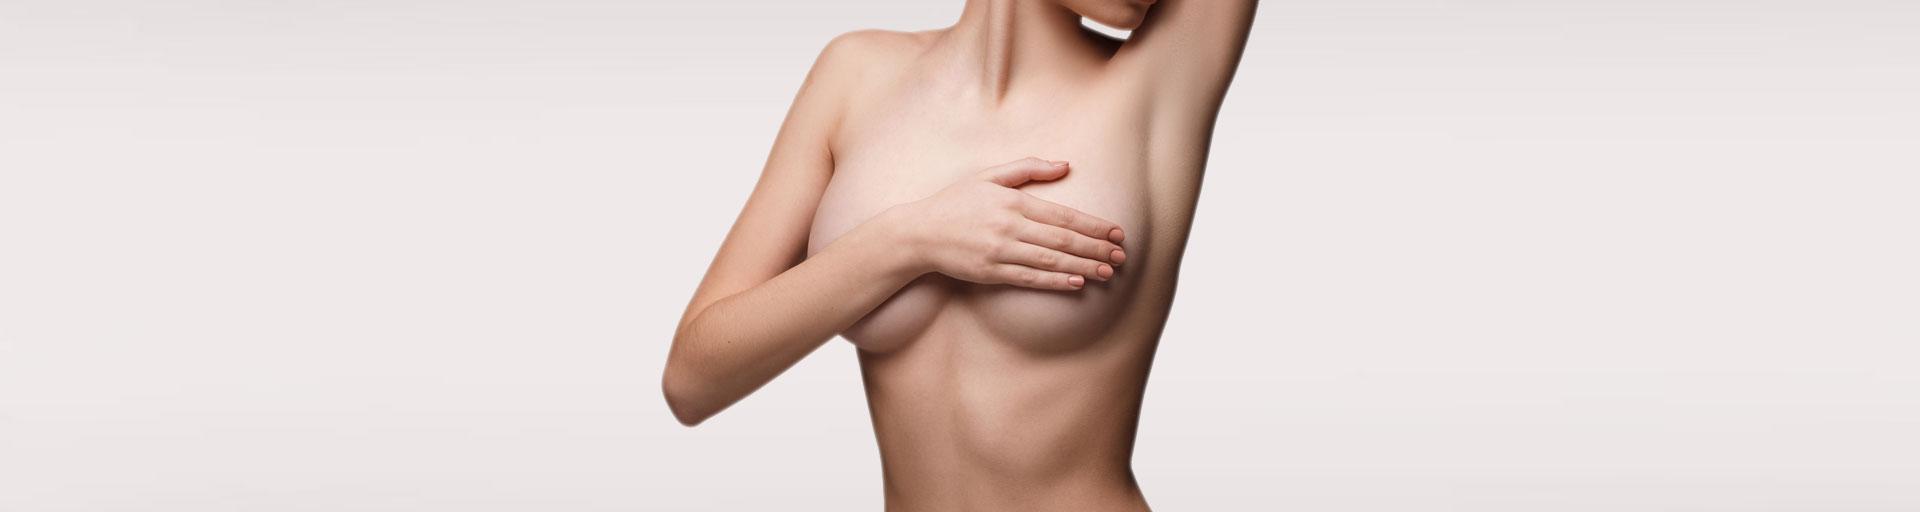 familiaerer-brustkrebs-plastische-chirurgie-b